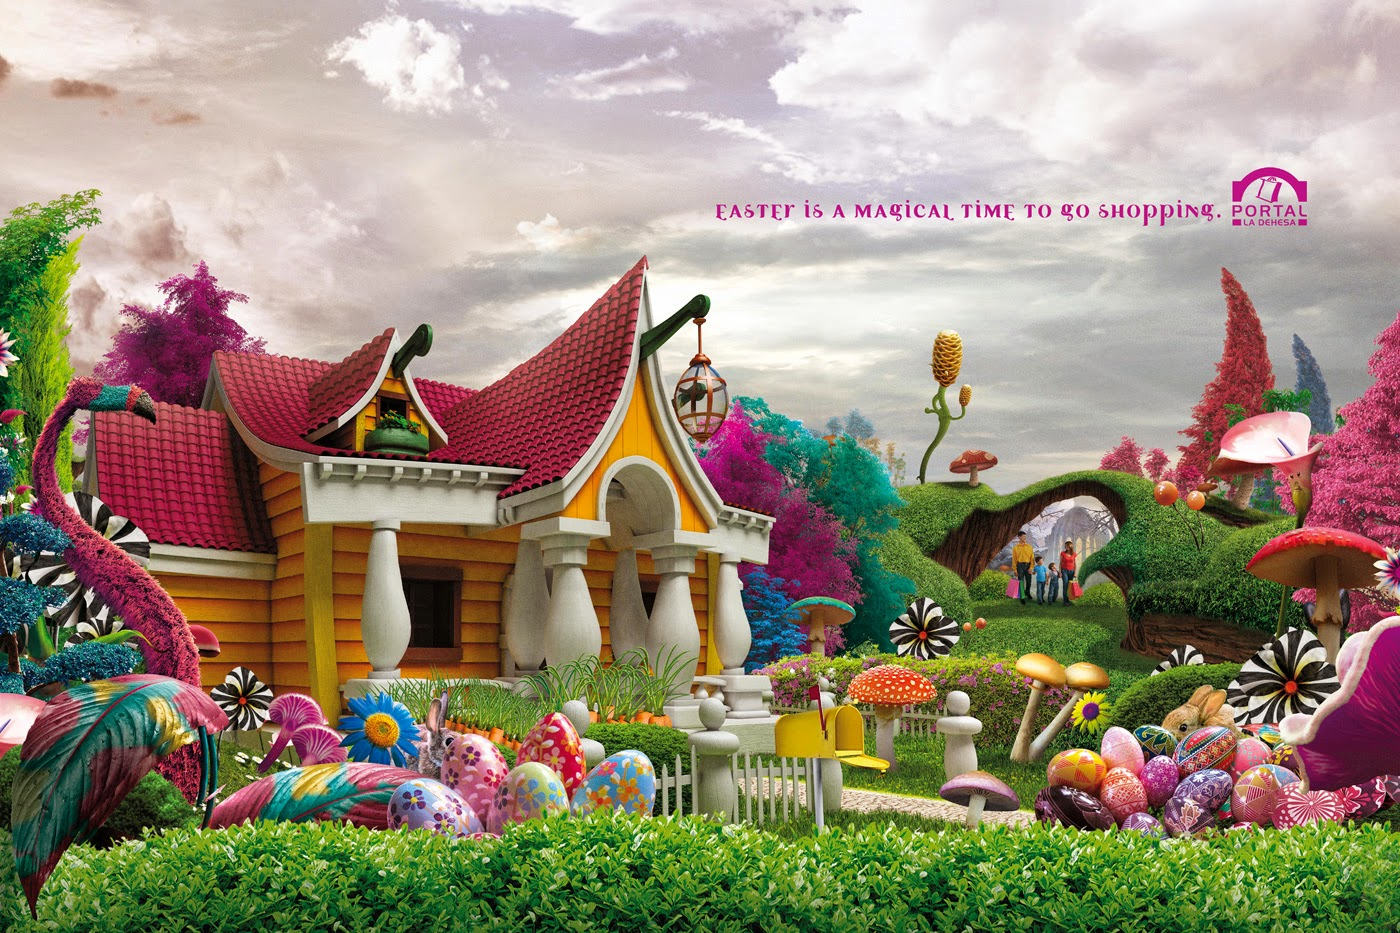 Publicidad Creativa, Pascua, Portal La Dehesa